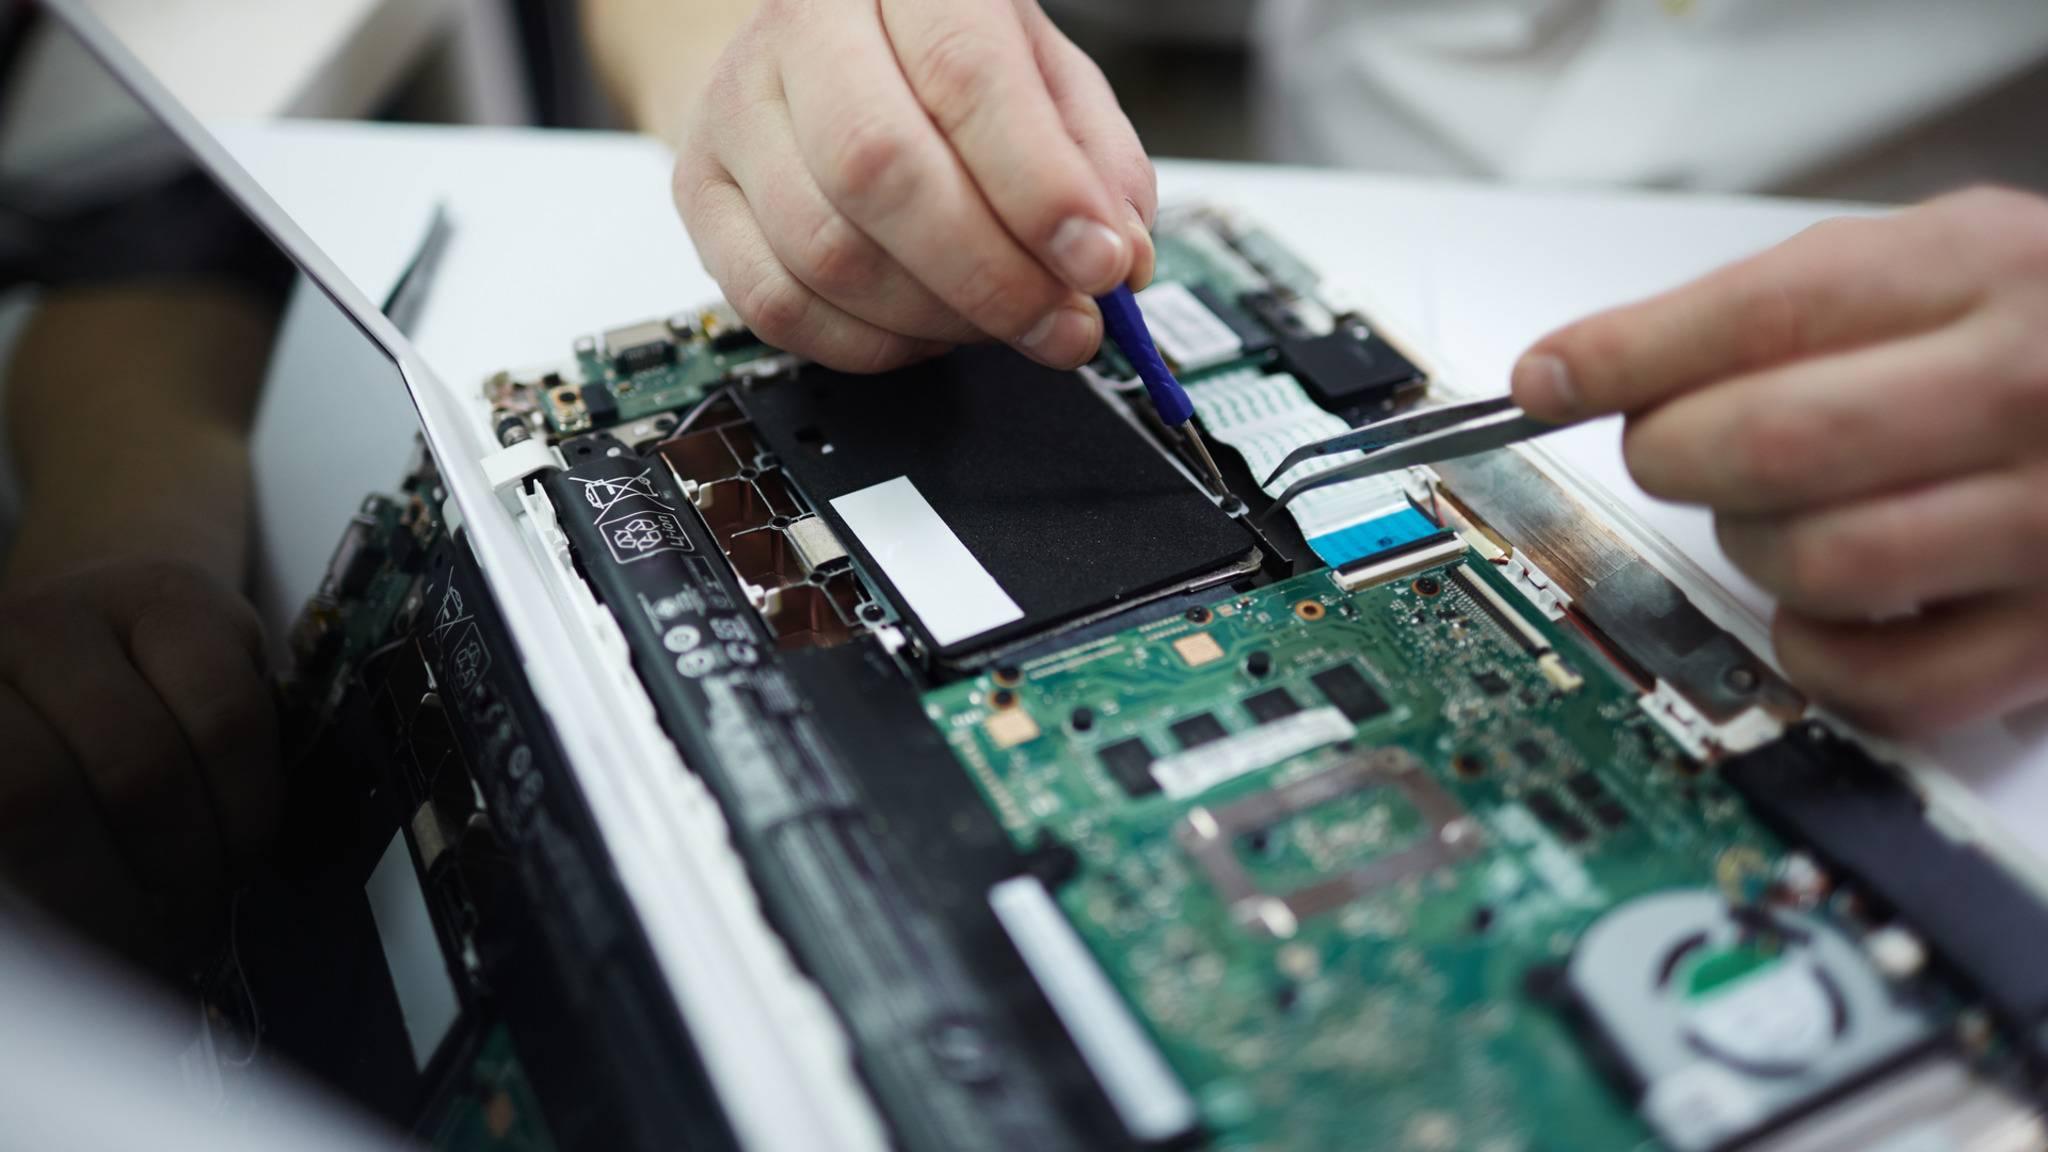 mann-repariert-baut-laptop-notebook